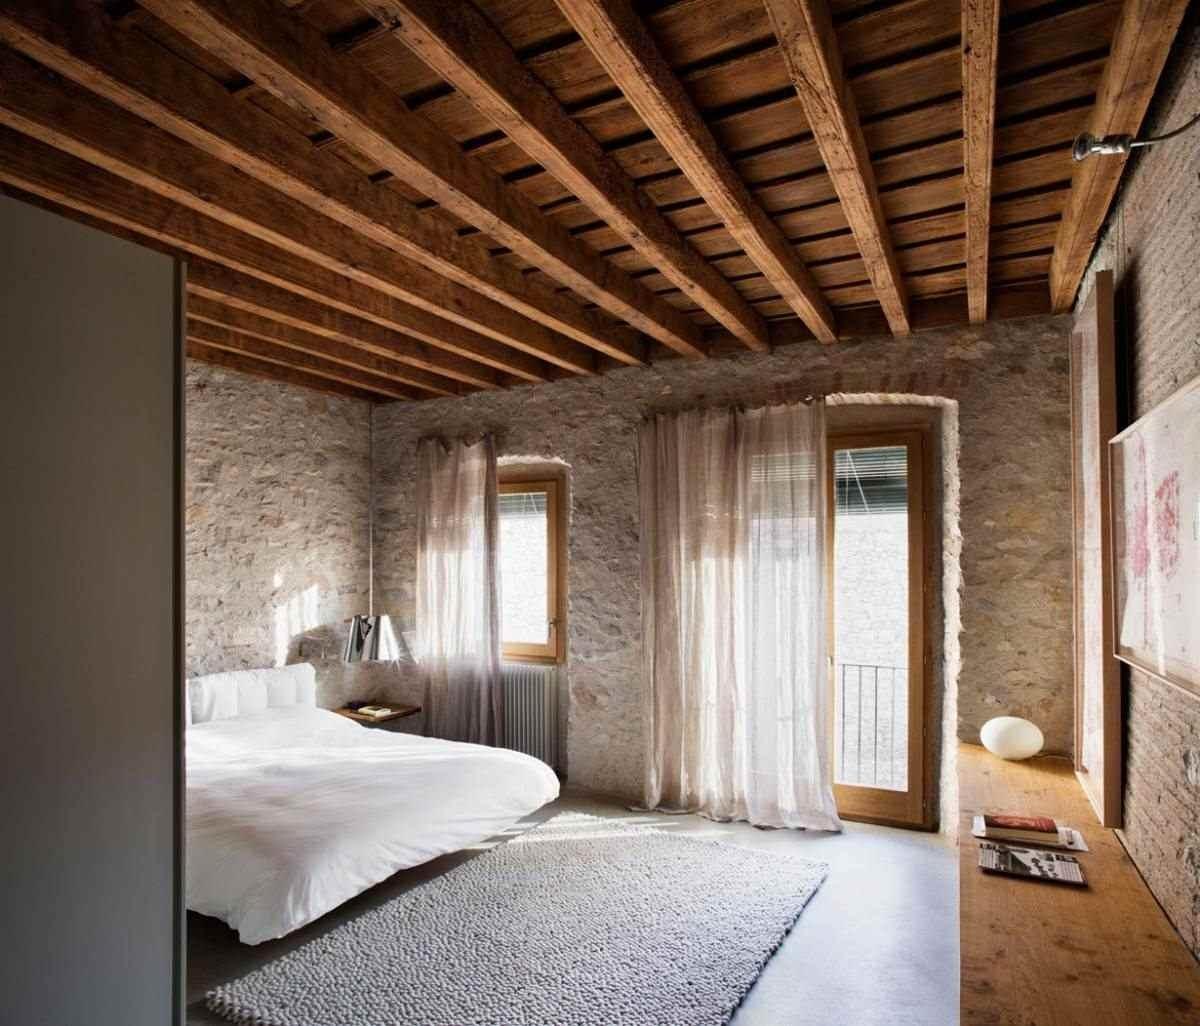 деревянный потолок в квартире фото старее заведение